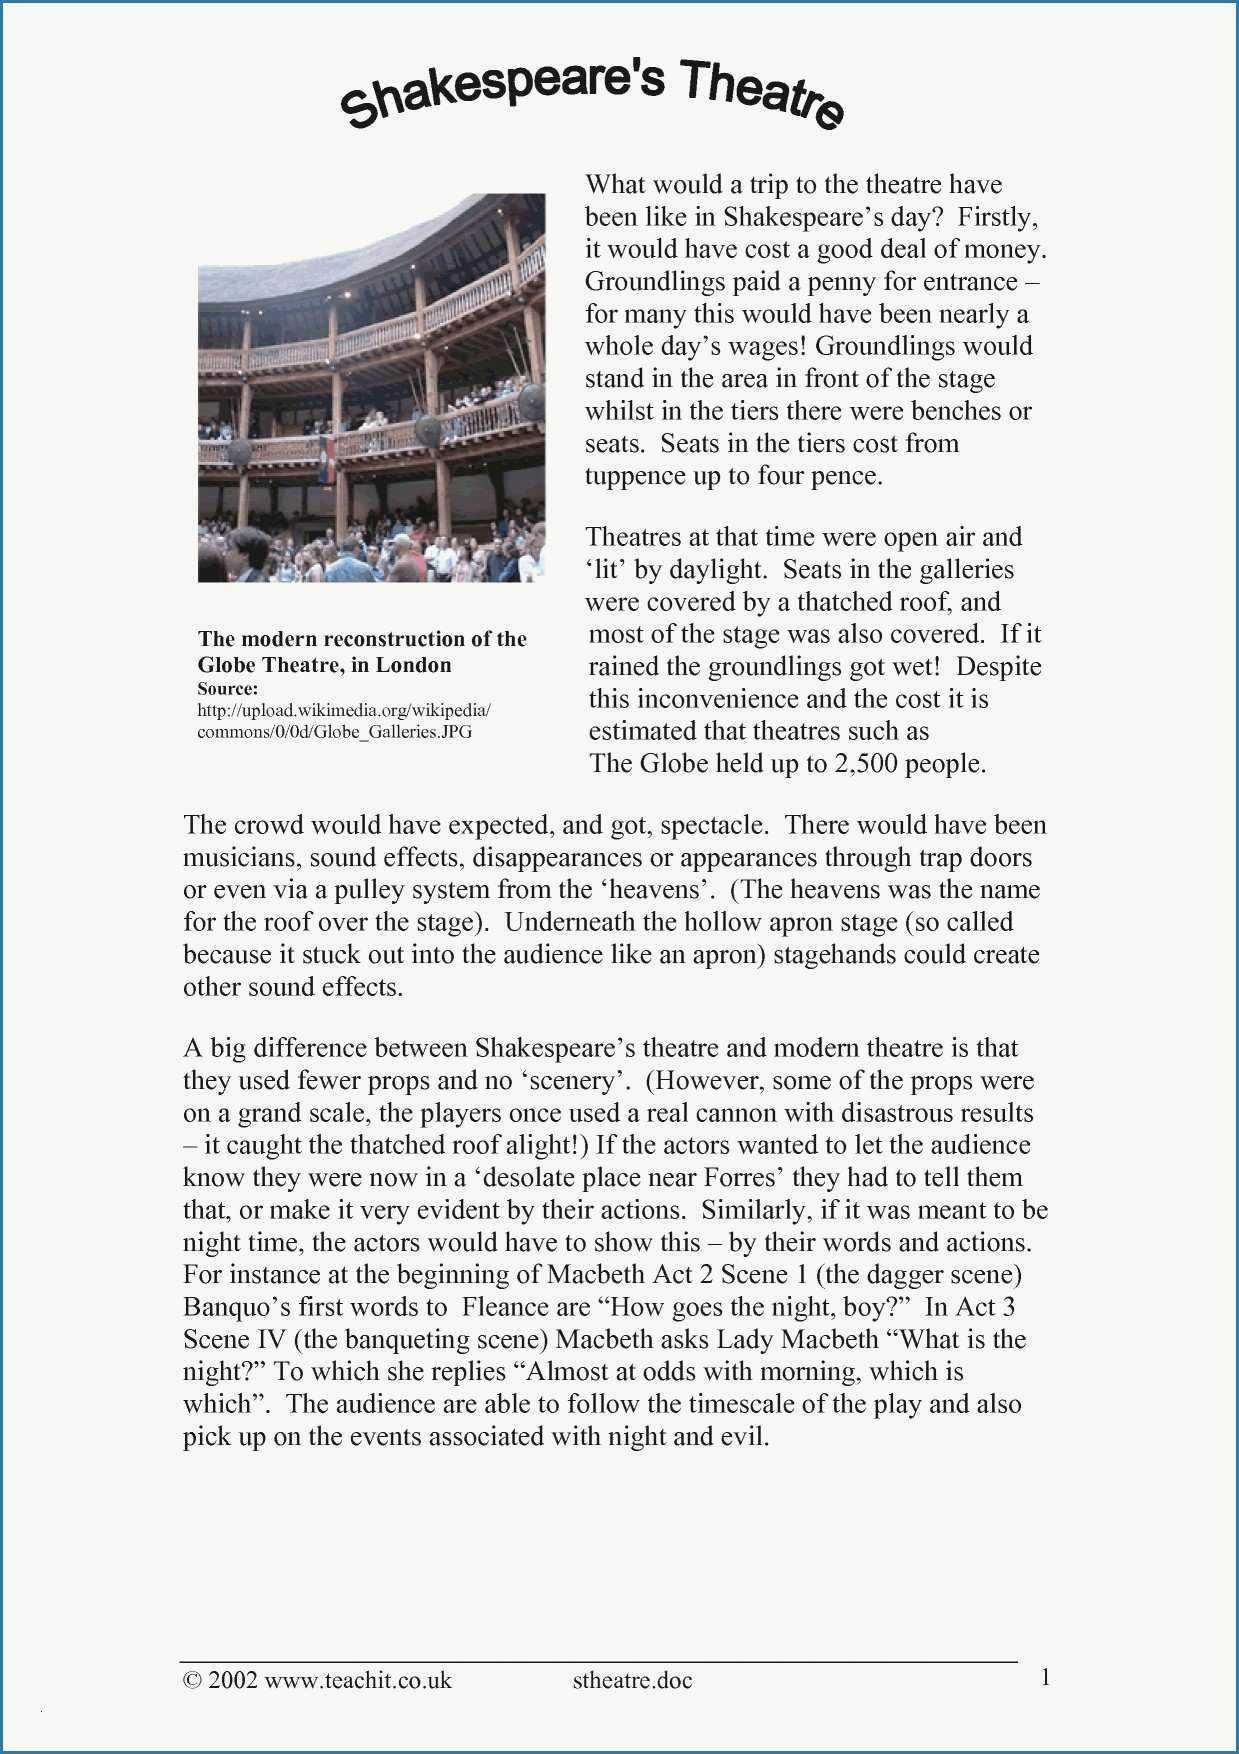 Handelsfachwirt Bewerbung Frisch 35 Schon Bewerbung Ausbildung Aufbau Yayaconnection Der Handelsfachwirt Bewerbung